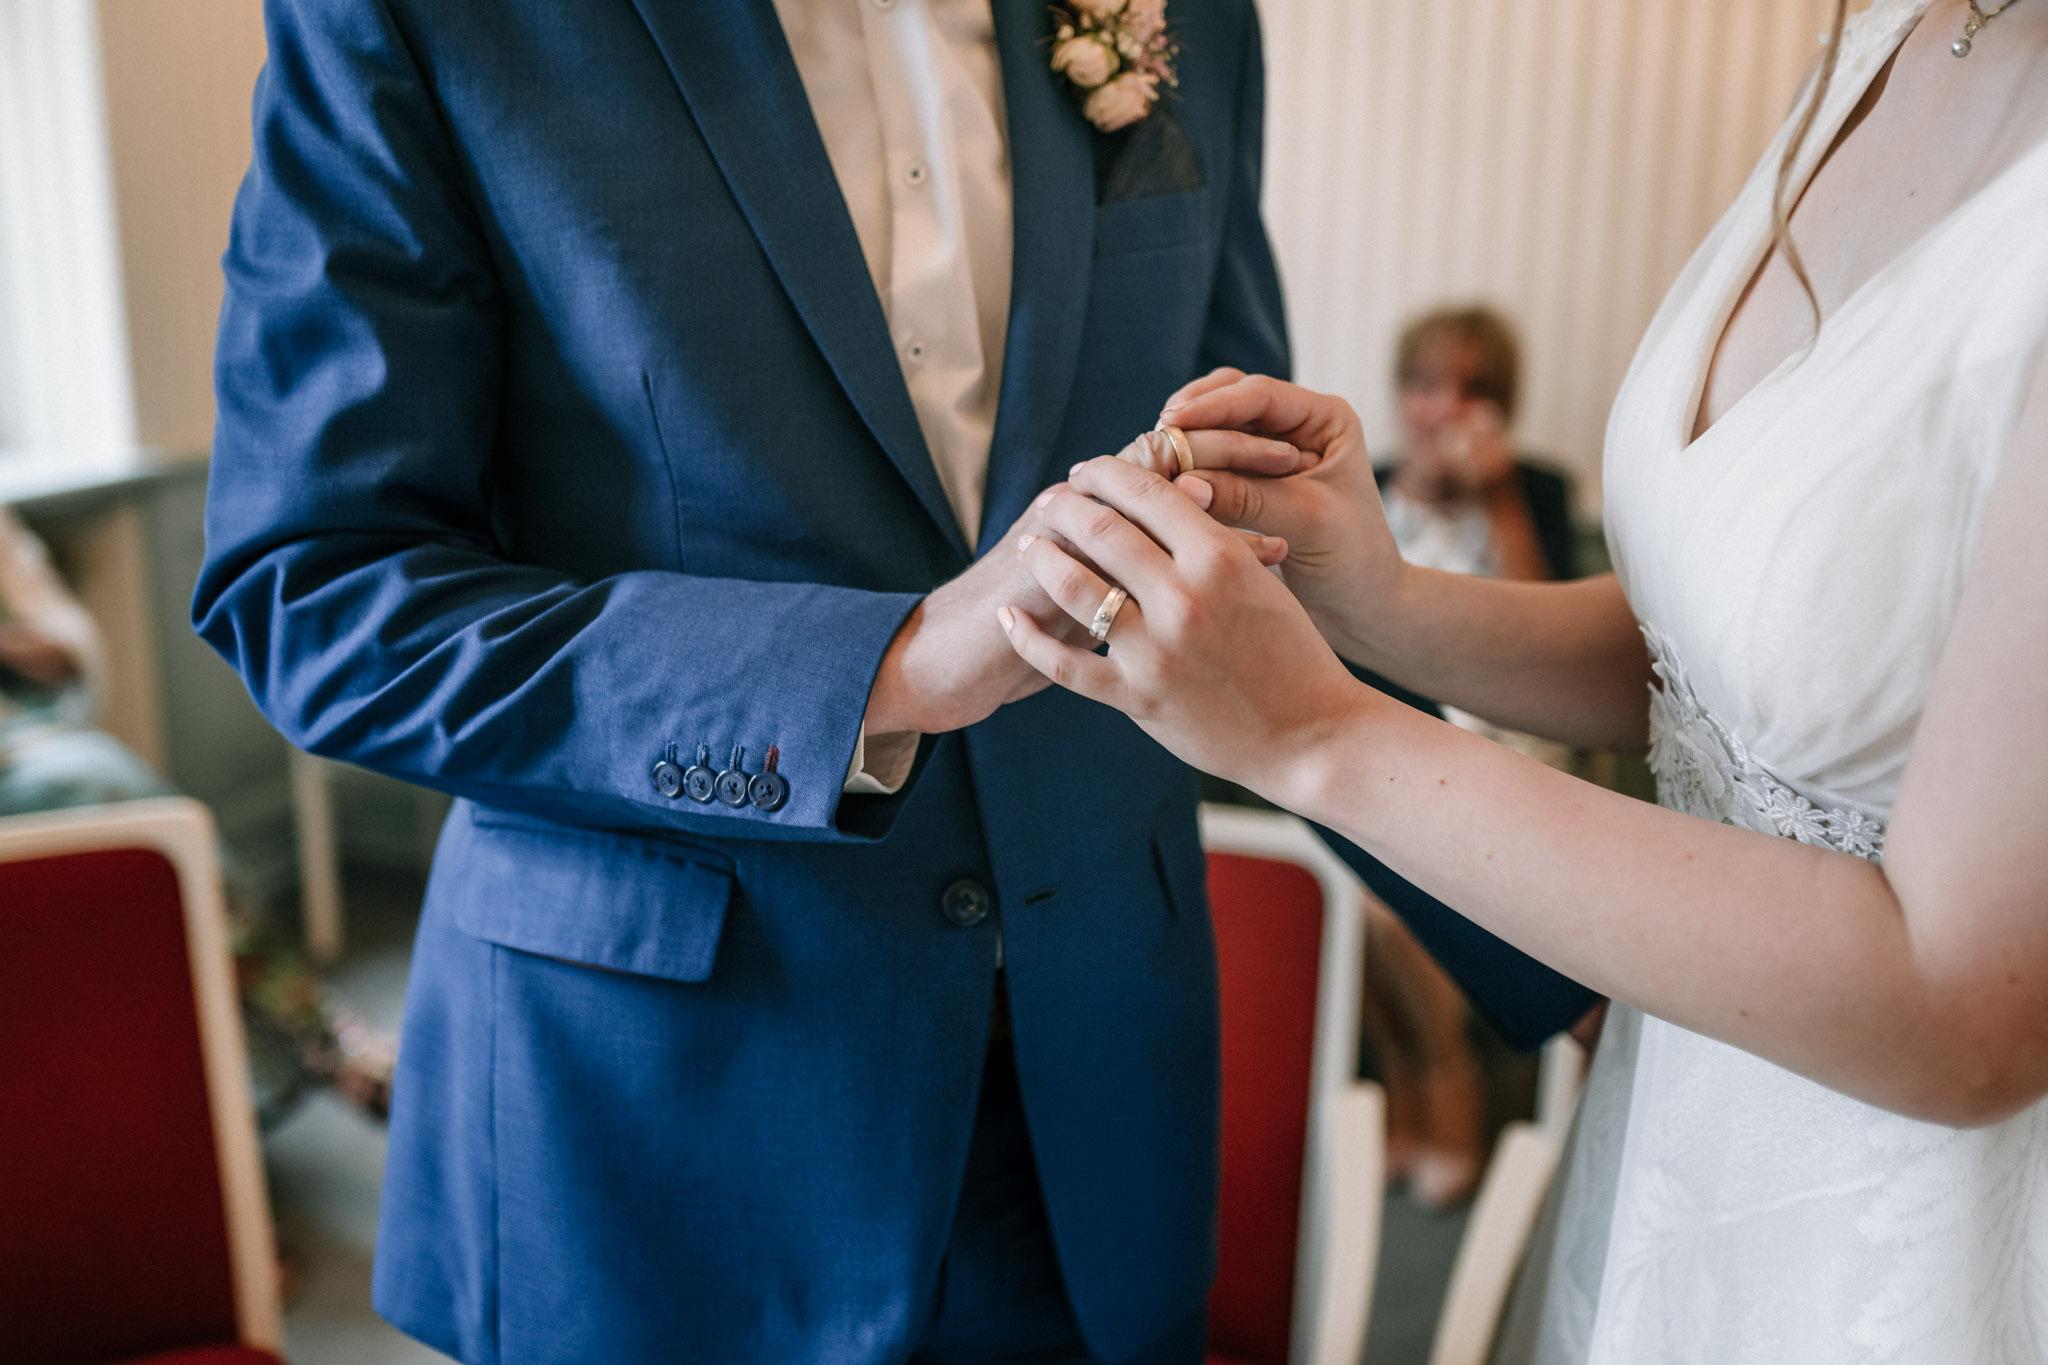 Hochzeitsfieber by Photo-Schomburg, Sven Schomburg Hochzeitsfotografie, Hochzeitsfotograf, Bad Bramstedt, Hamburg, Schleswig-Hostein-19